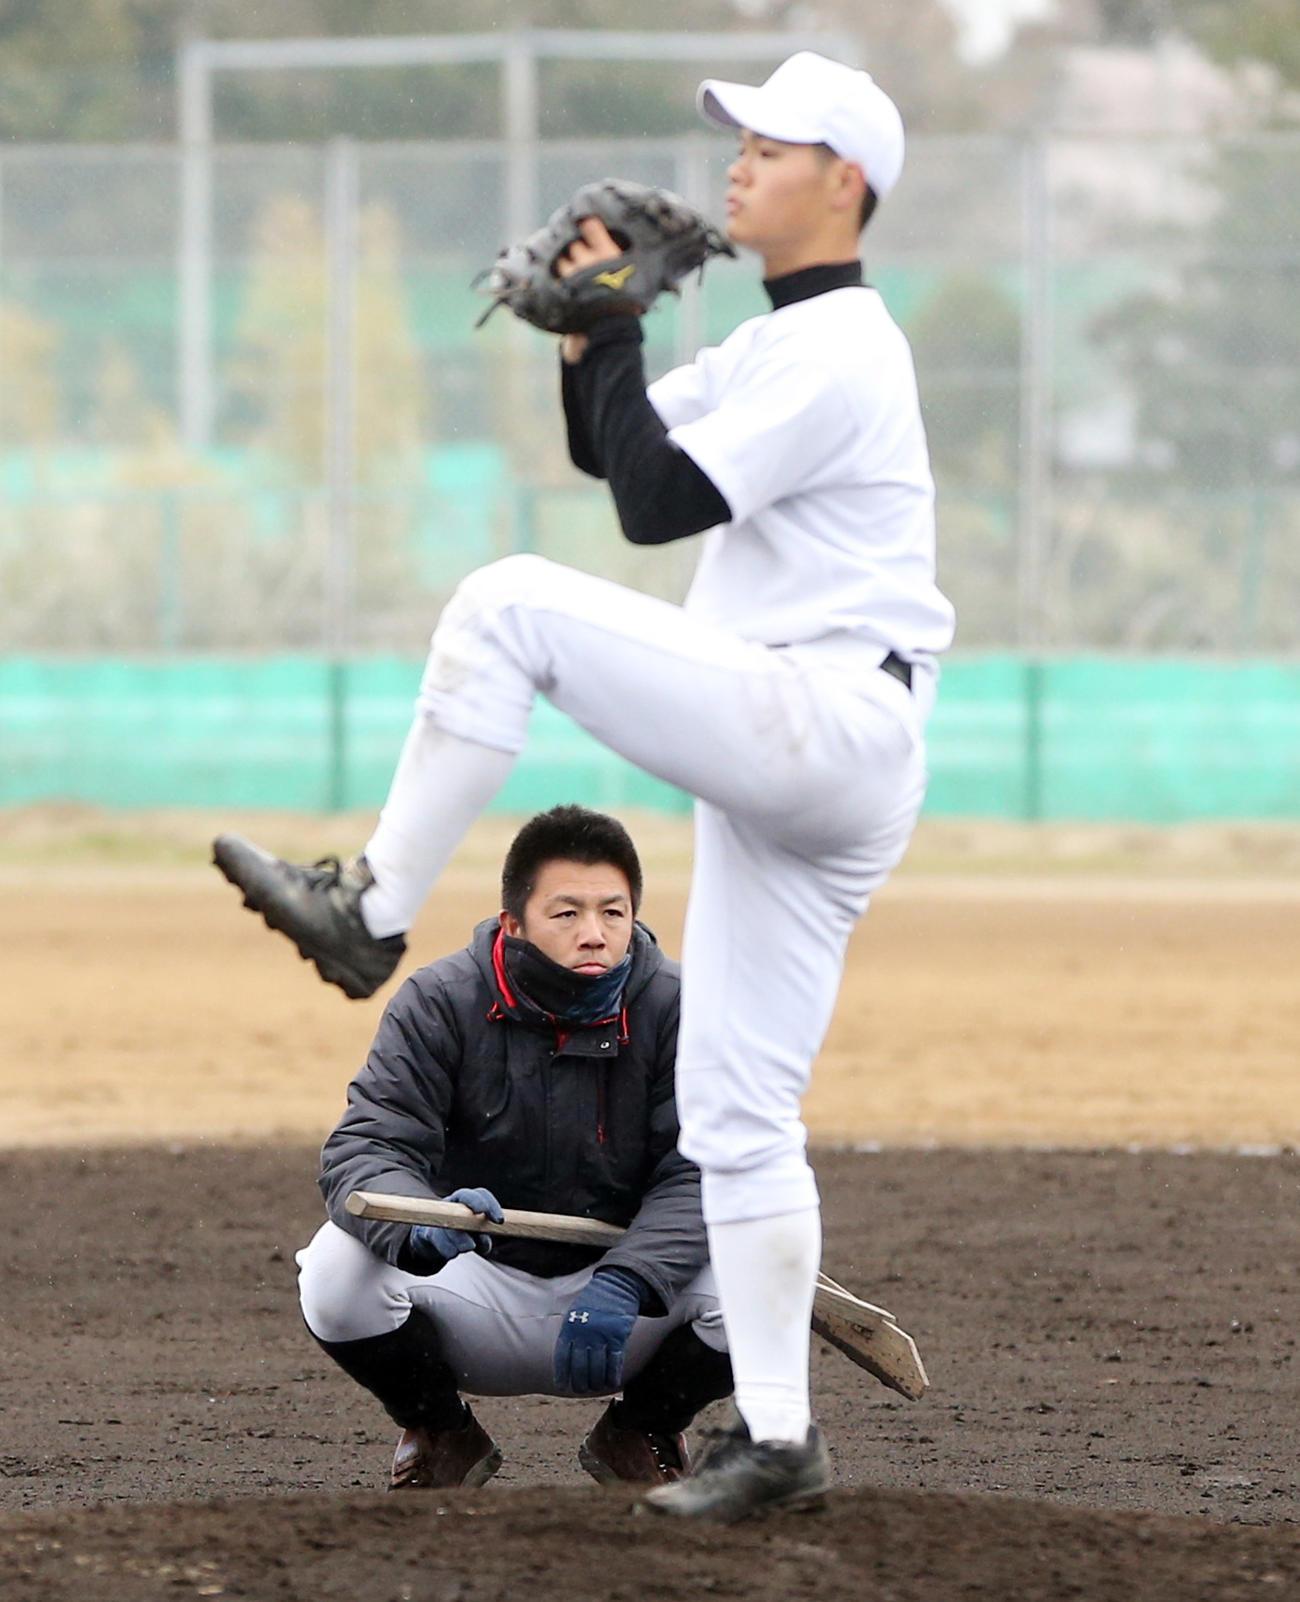 磐城の紅白戦を見つめる渡辺新監督。手前は佐藤綾哉投手(2020年4月5日)